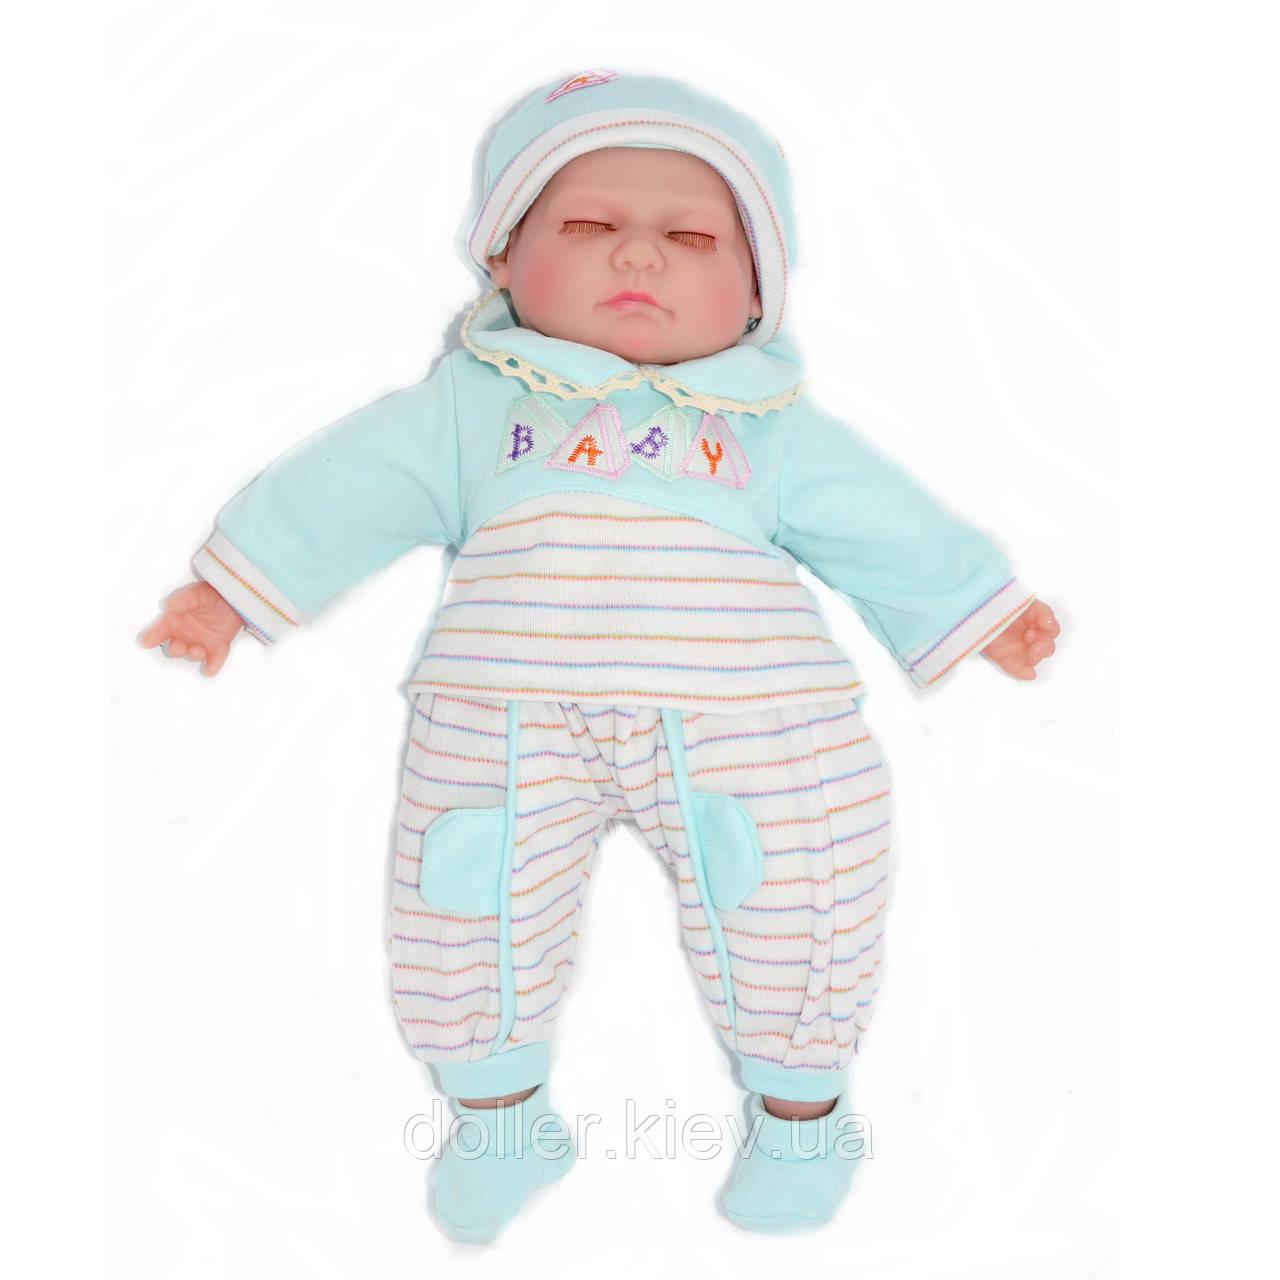 Пупс сплячий бебі - 2